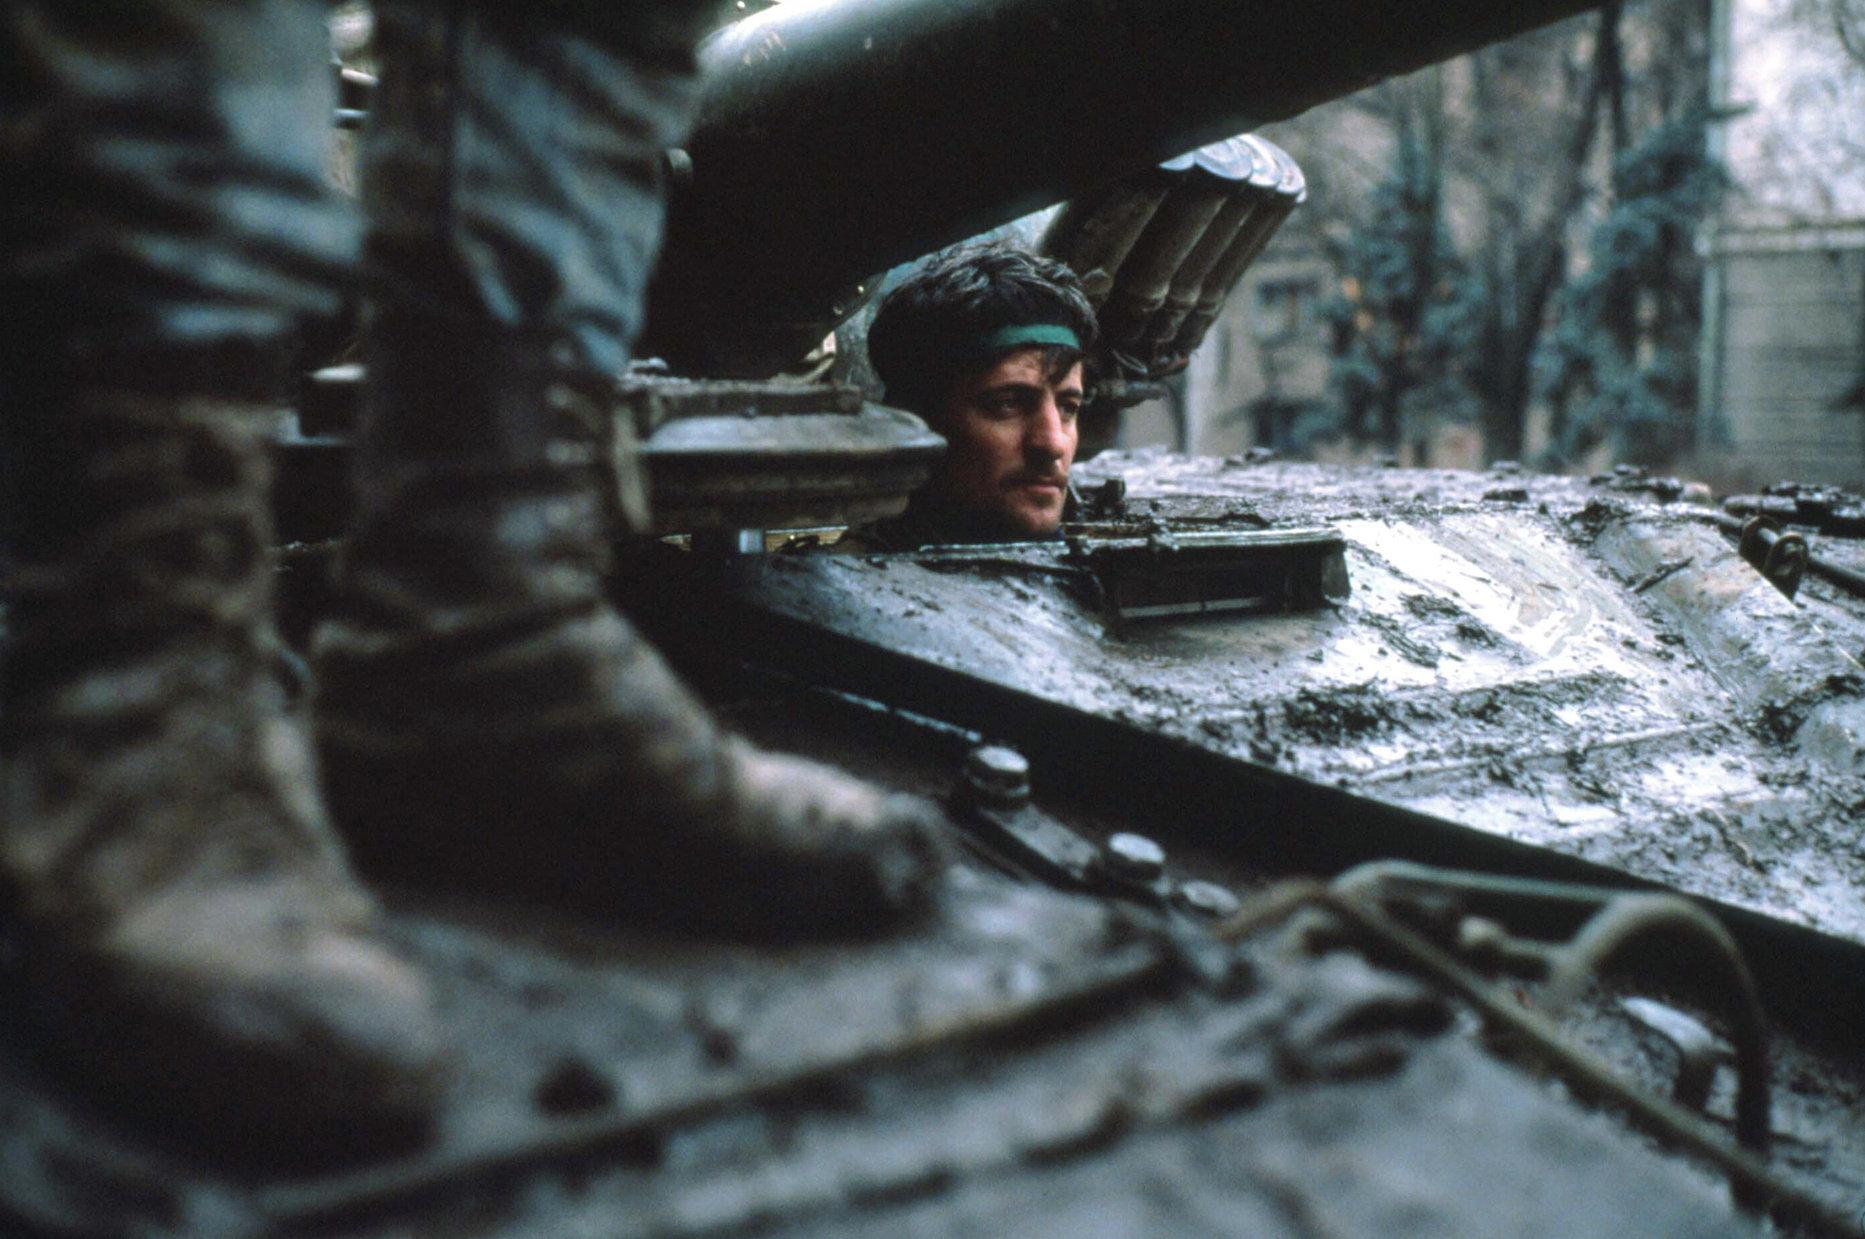 Erster Tschetschenien-Krieg in Bildern